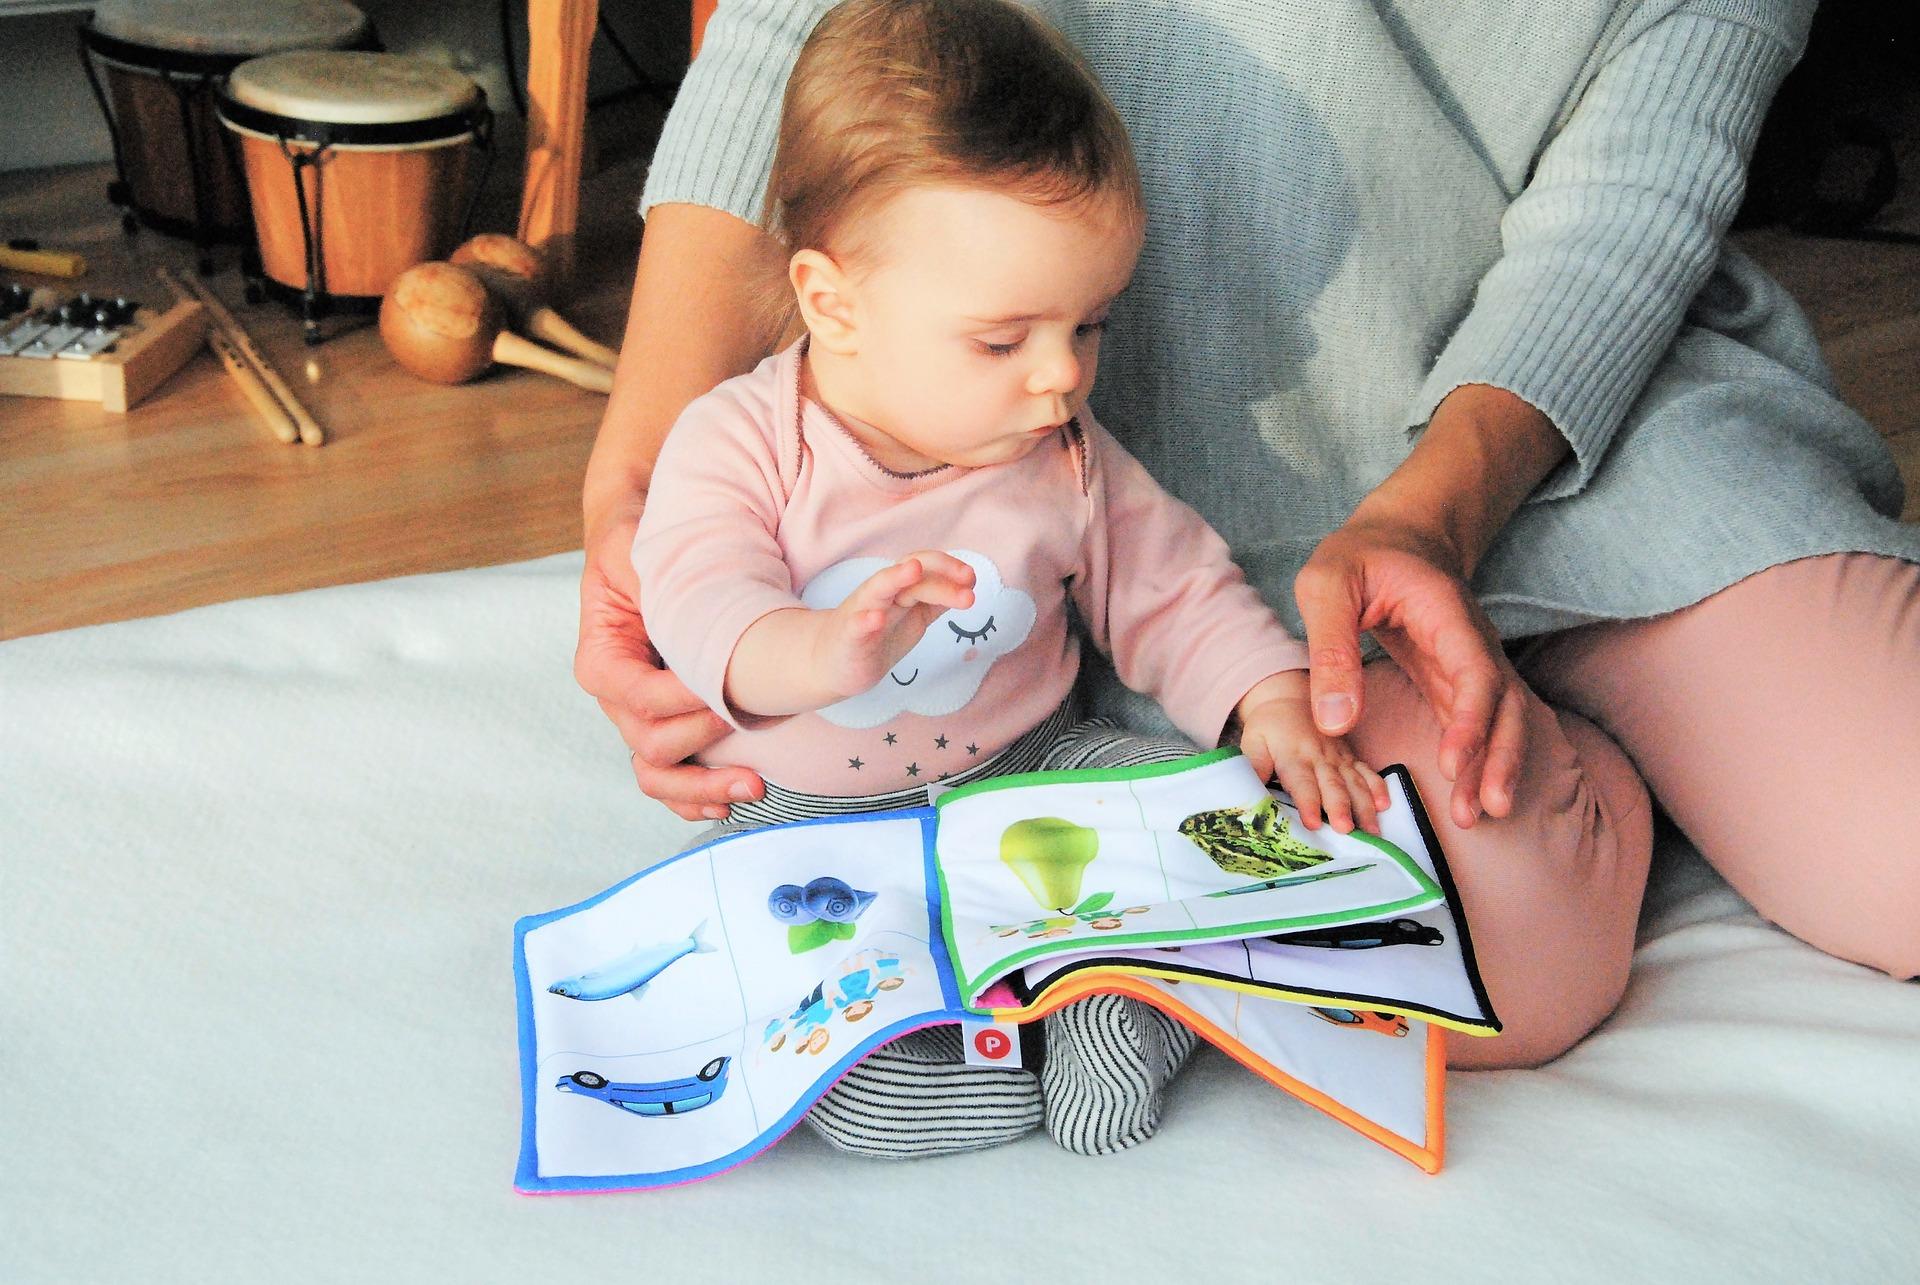 ce tip de mama - sfatulparintilor.ro - pixabay_com - child-2916844_1920